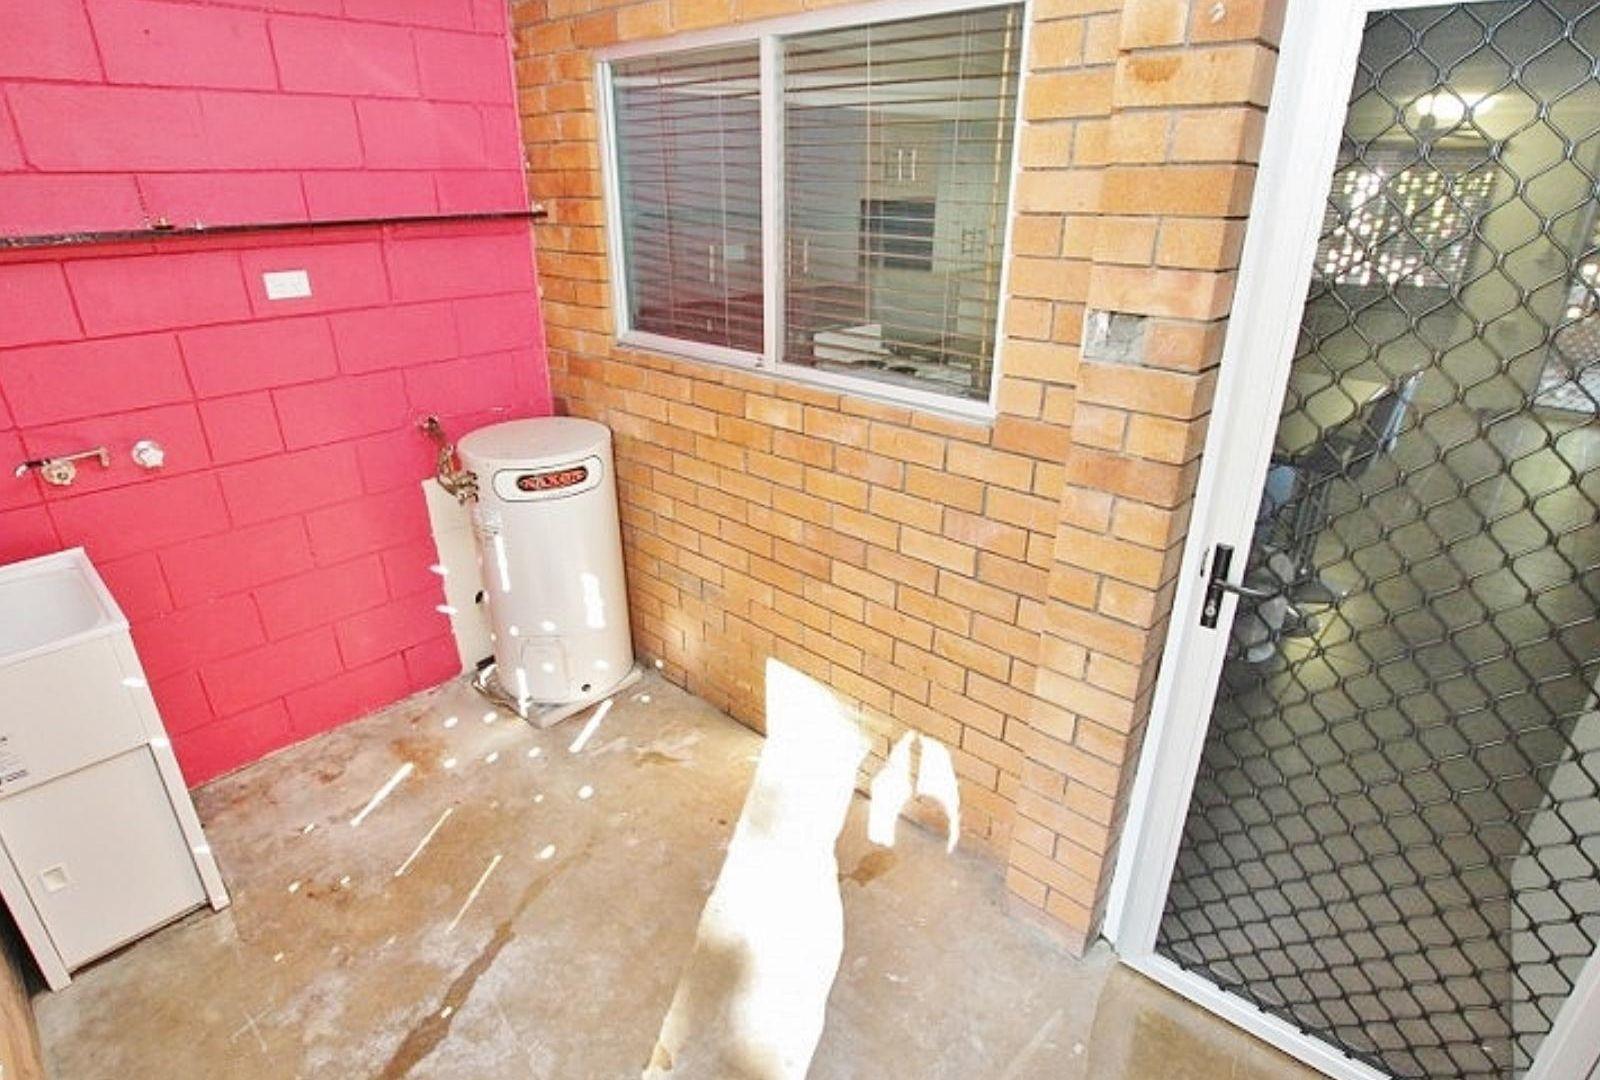 2/6 Bates Avenue, Park Avenue QLD 4701, Image 7